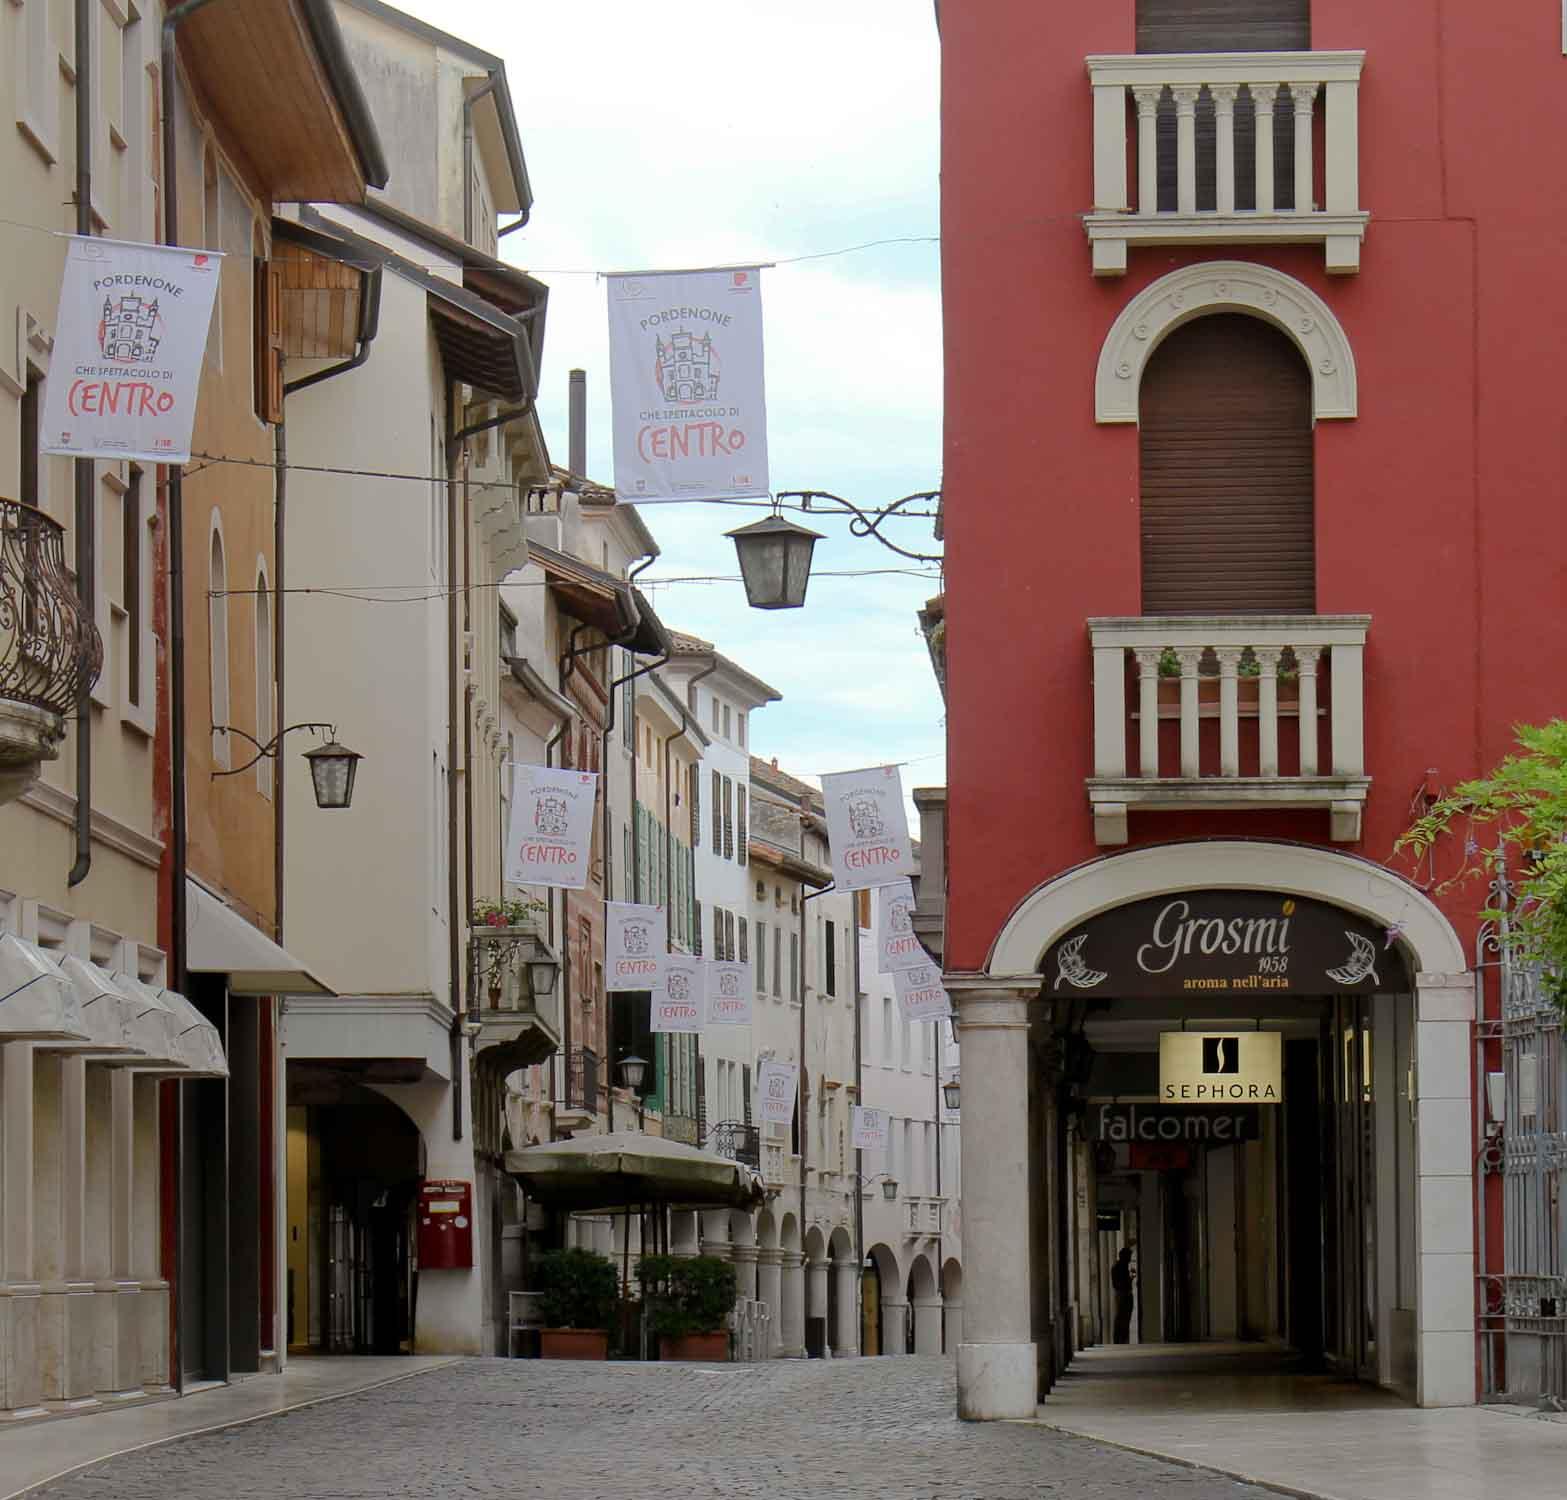 Corso Vittorio Emanuele in Pordenone